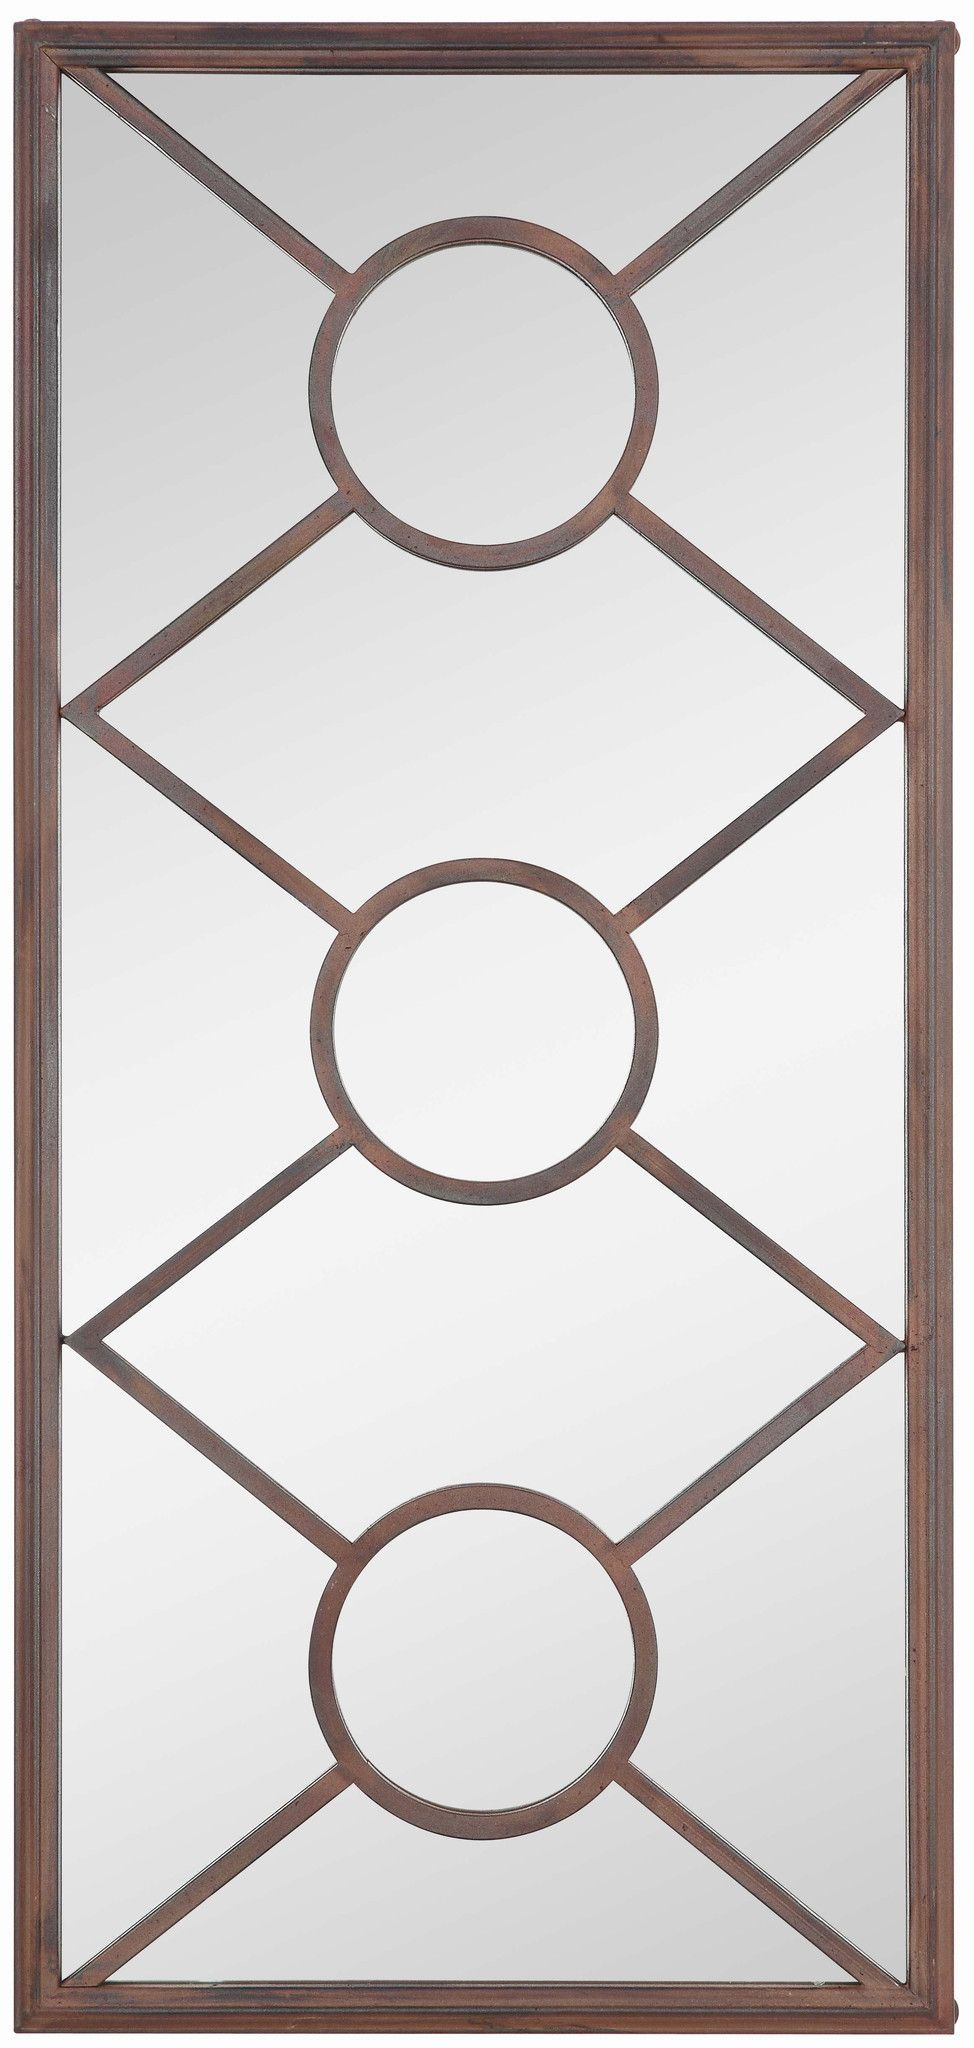 Benton Mirrors- Set of 3 Metal